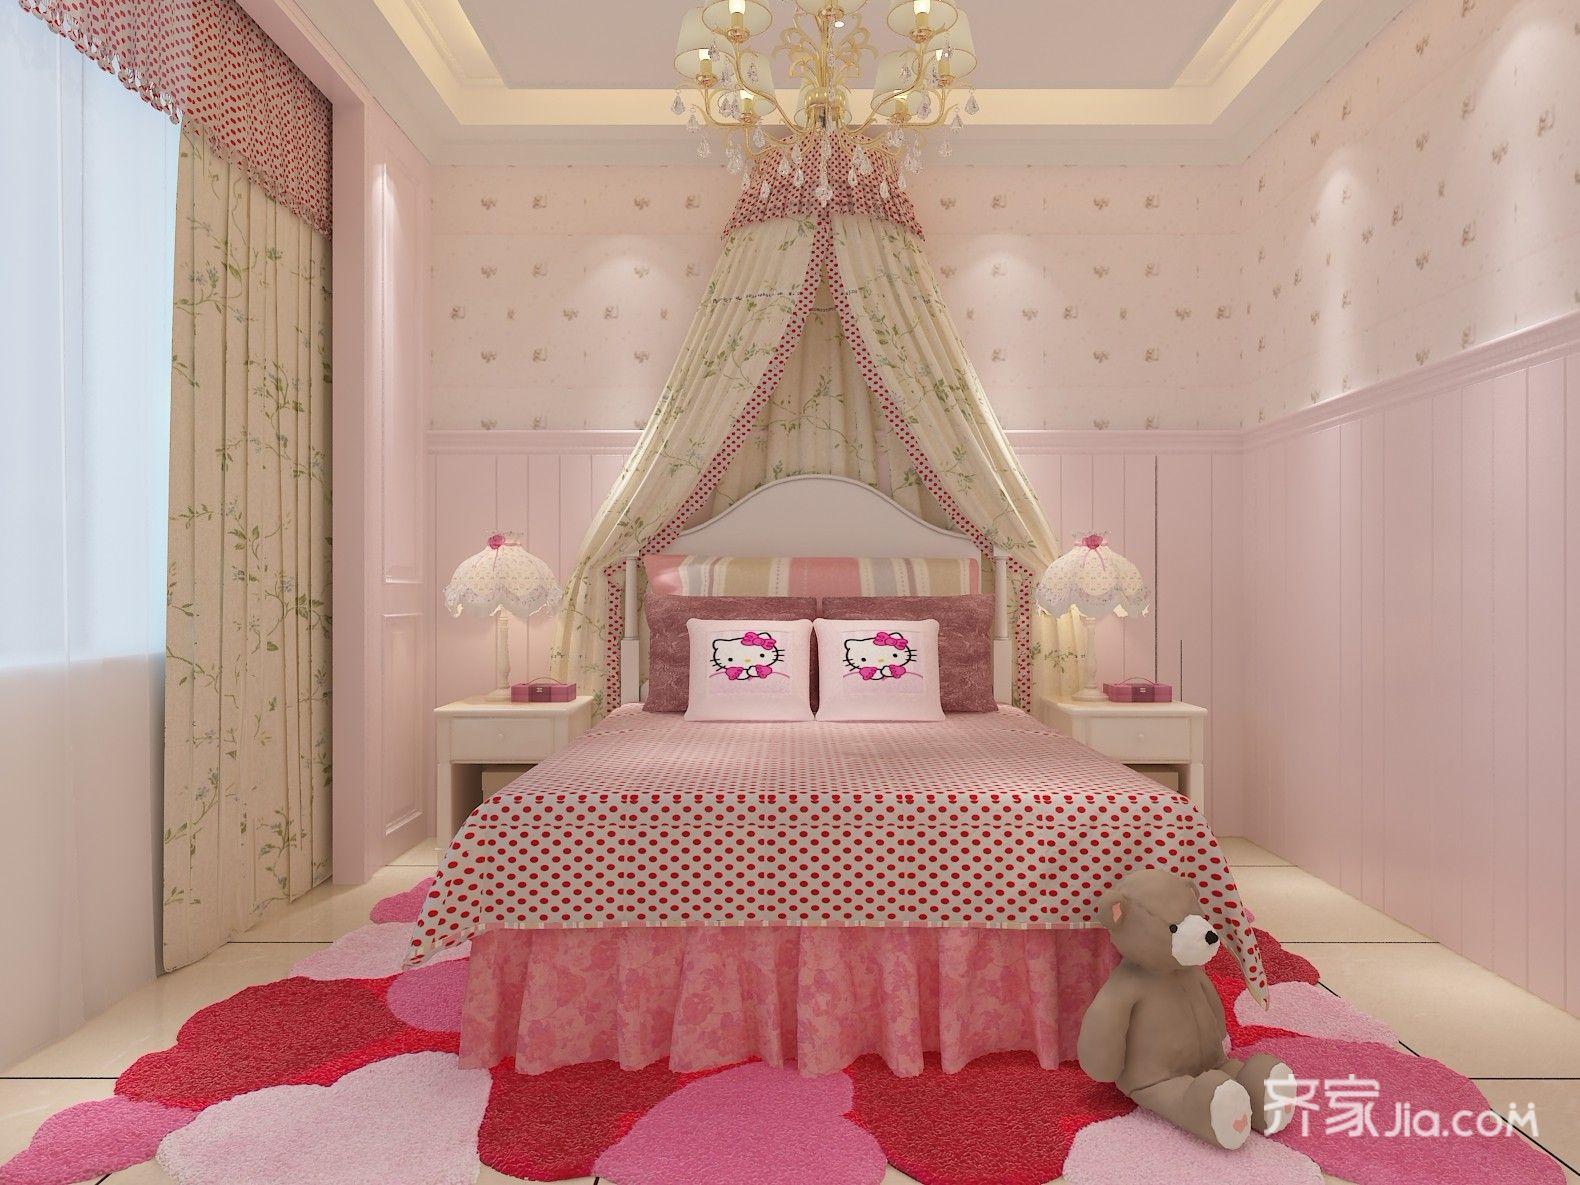 公主房粉彩代表女孩的公主梦,是父母的小公主,学习桌给孩子一个学习的